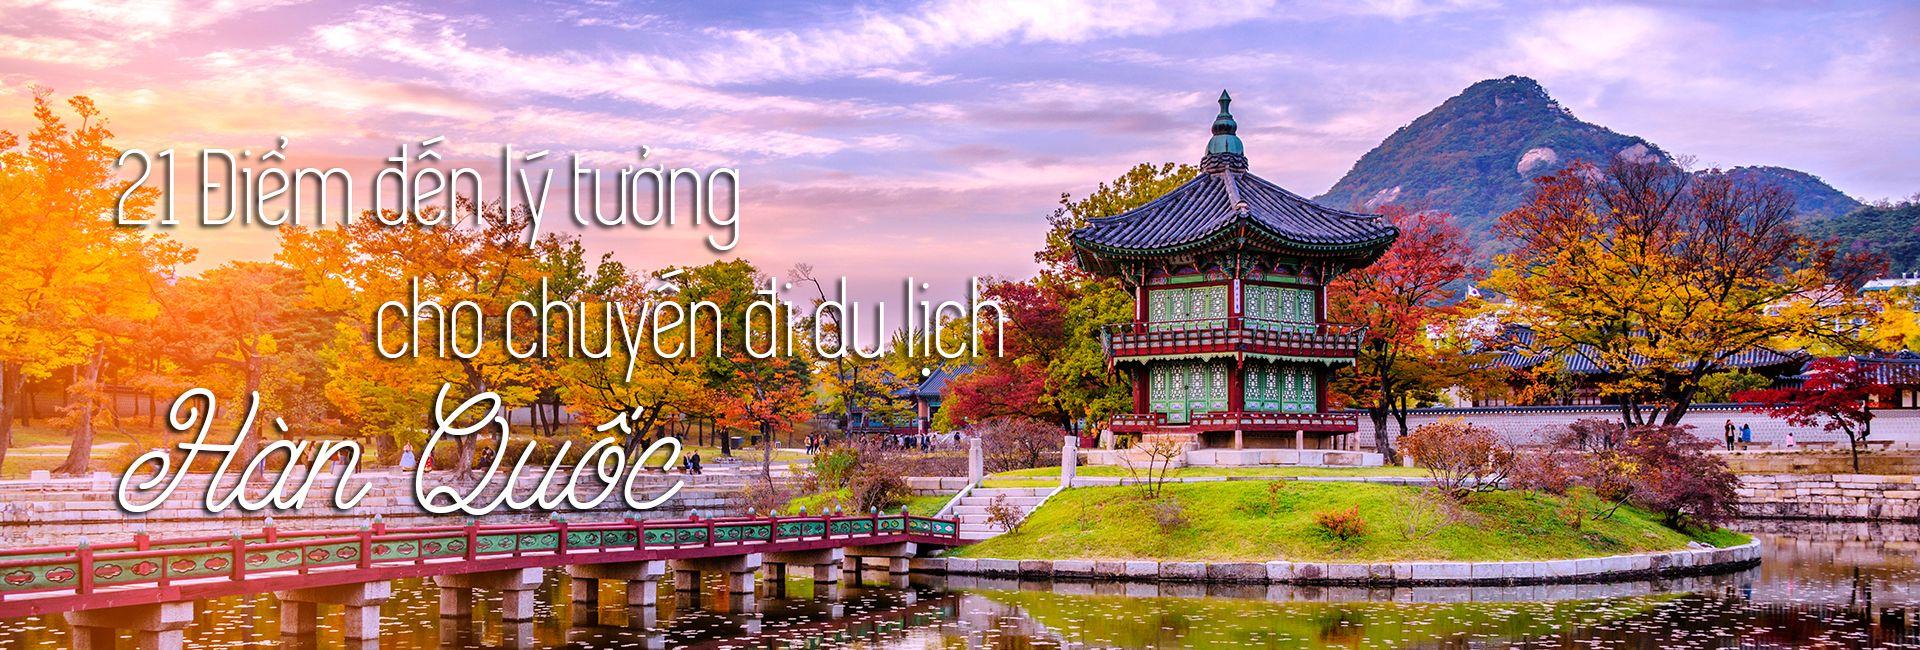 Top 21 địa điểm du lịch nổi tiếng ở Hàn Quốc